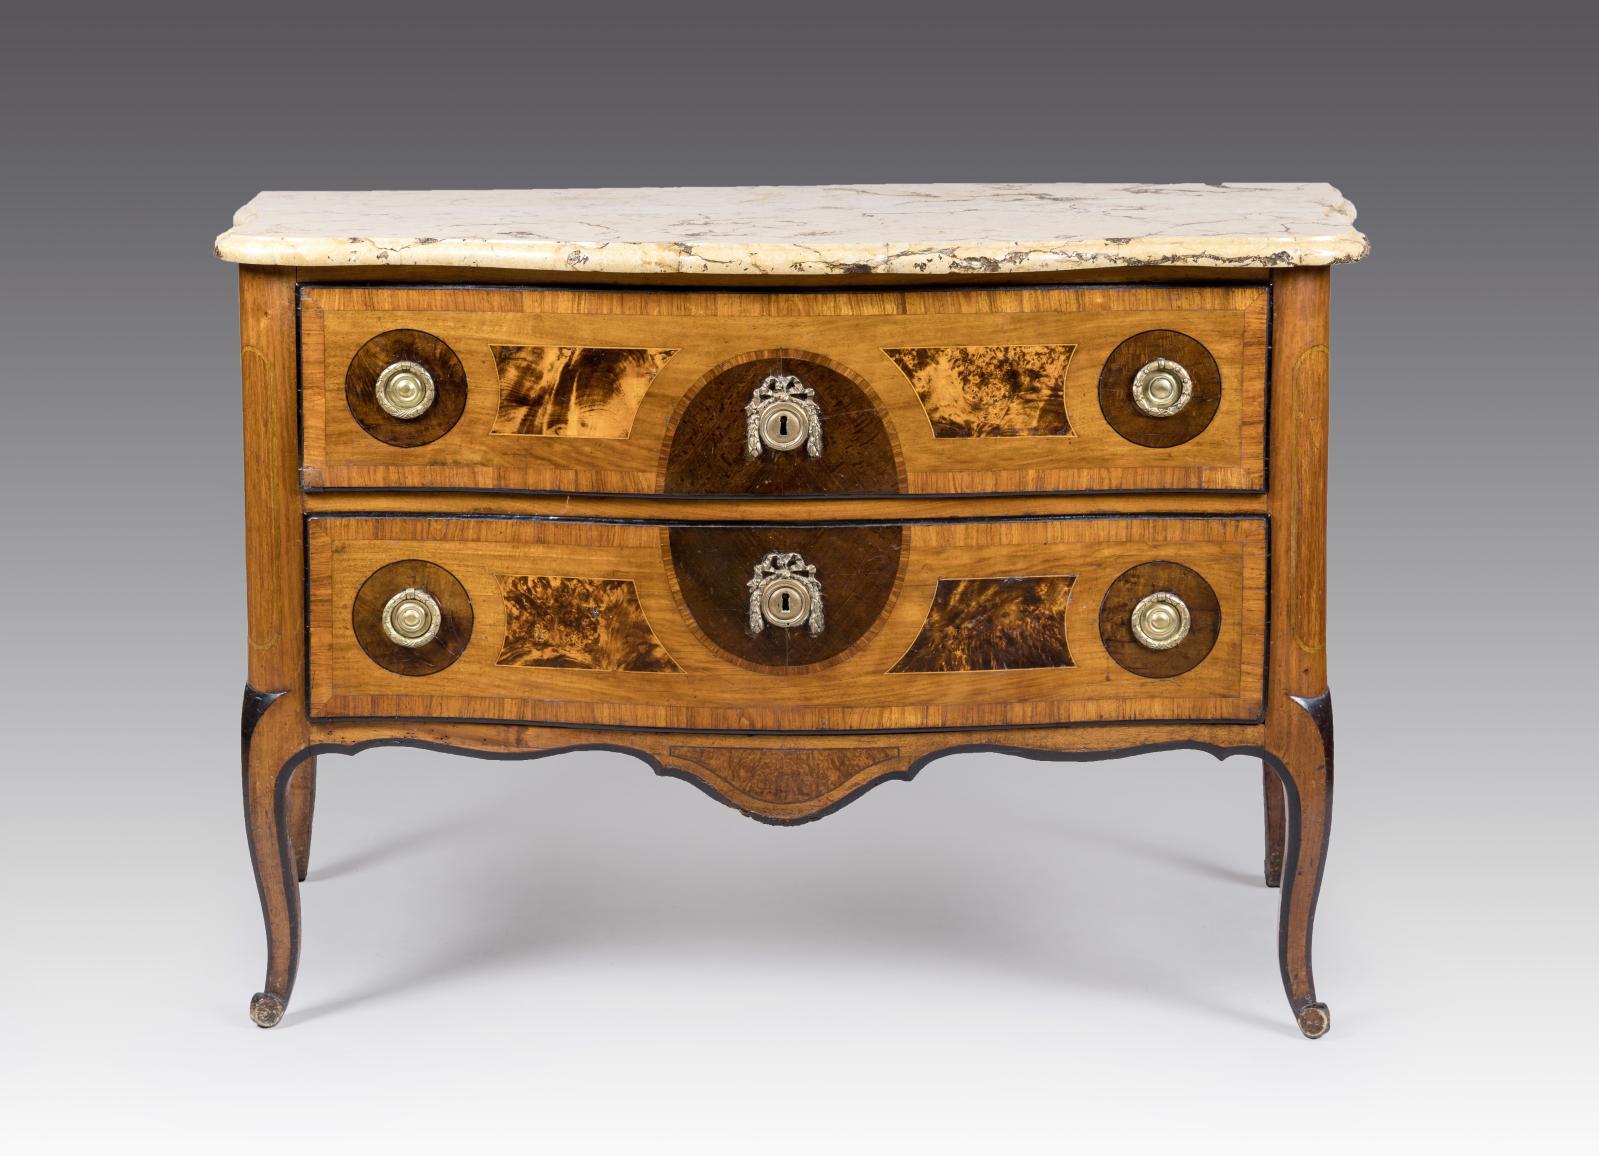 Jean-François Hache (1730-1796), commode Transition, datée «octobre 1774», bois de placage sur bâti de résineux, marqueterie avec médaillon central en